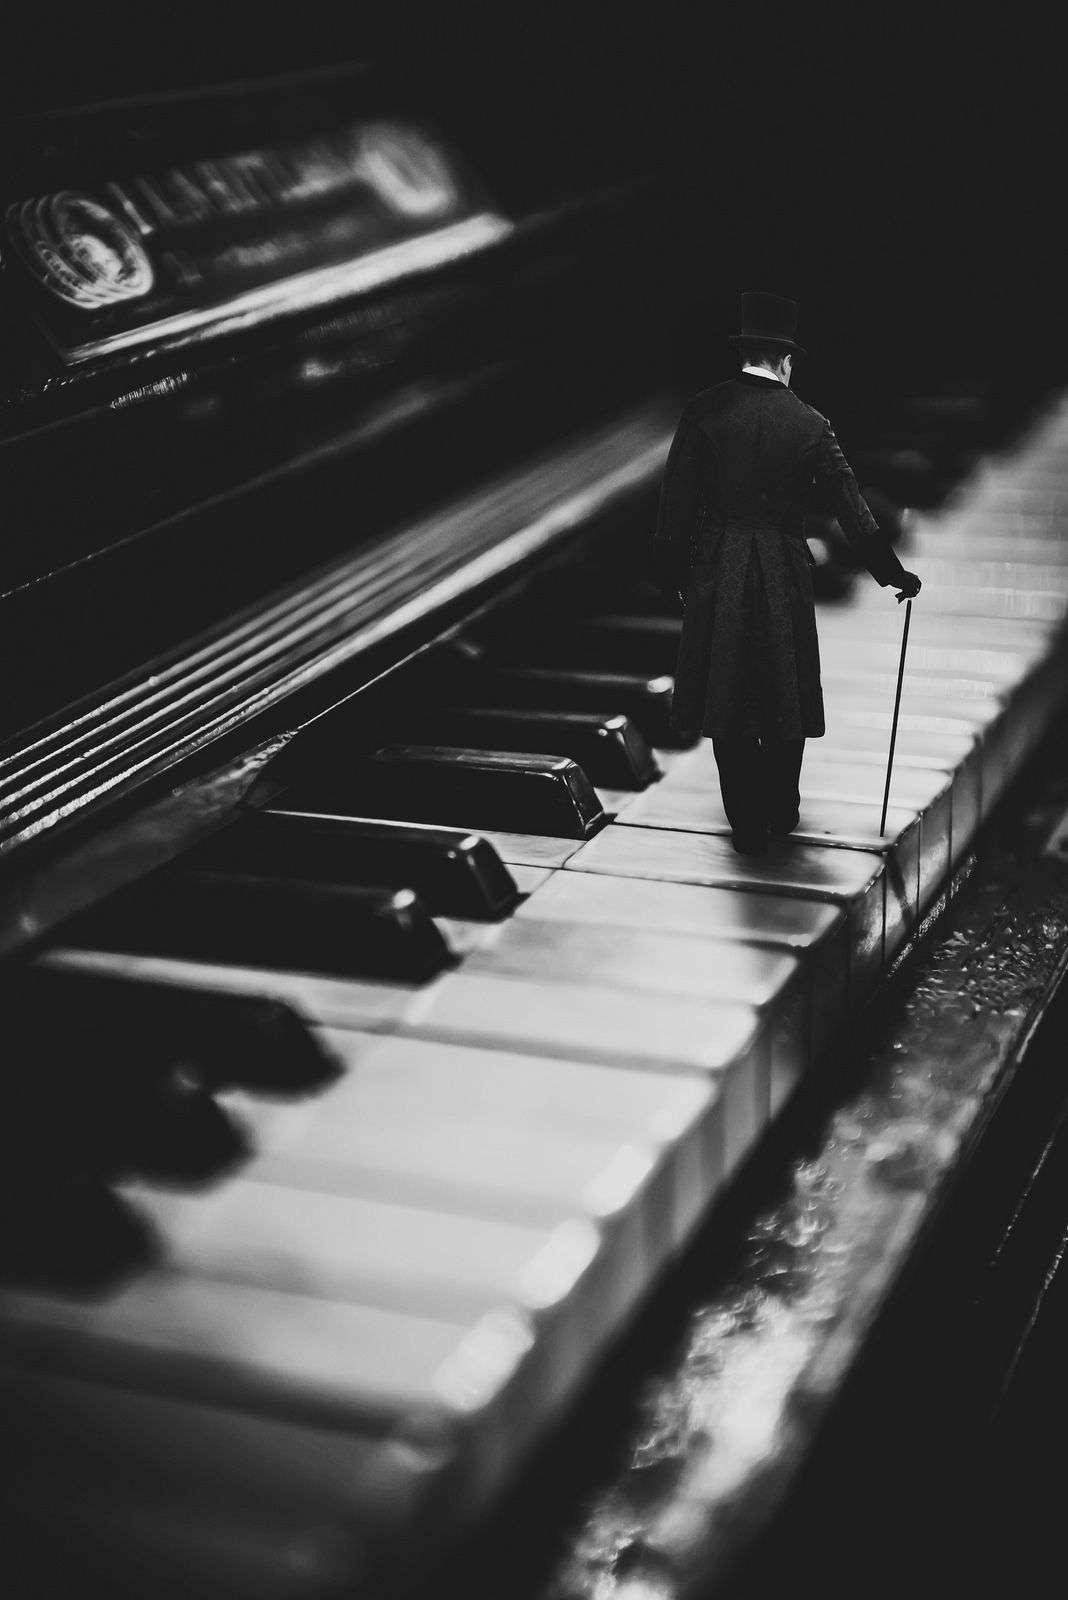 عکس پیانو برای پروفایل دخترونه